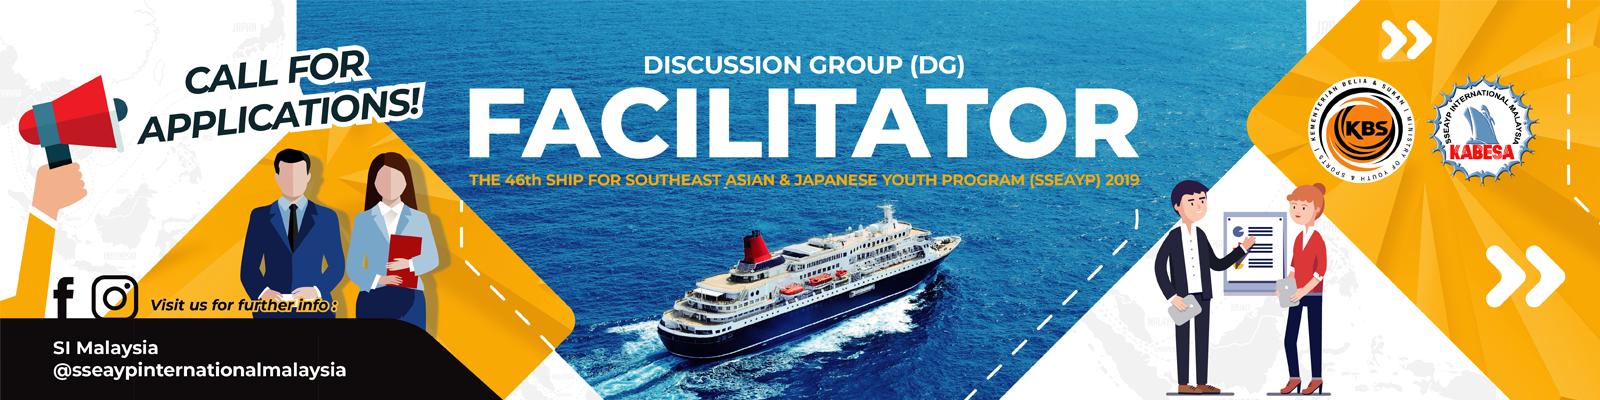 sseayp-dg-facilitator-seminar-2019.png